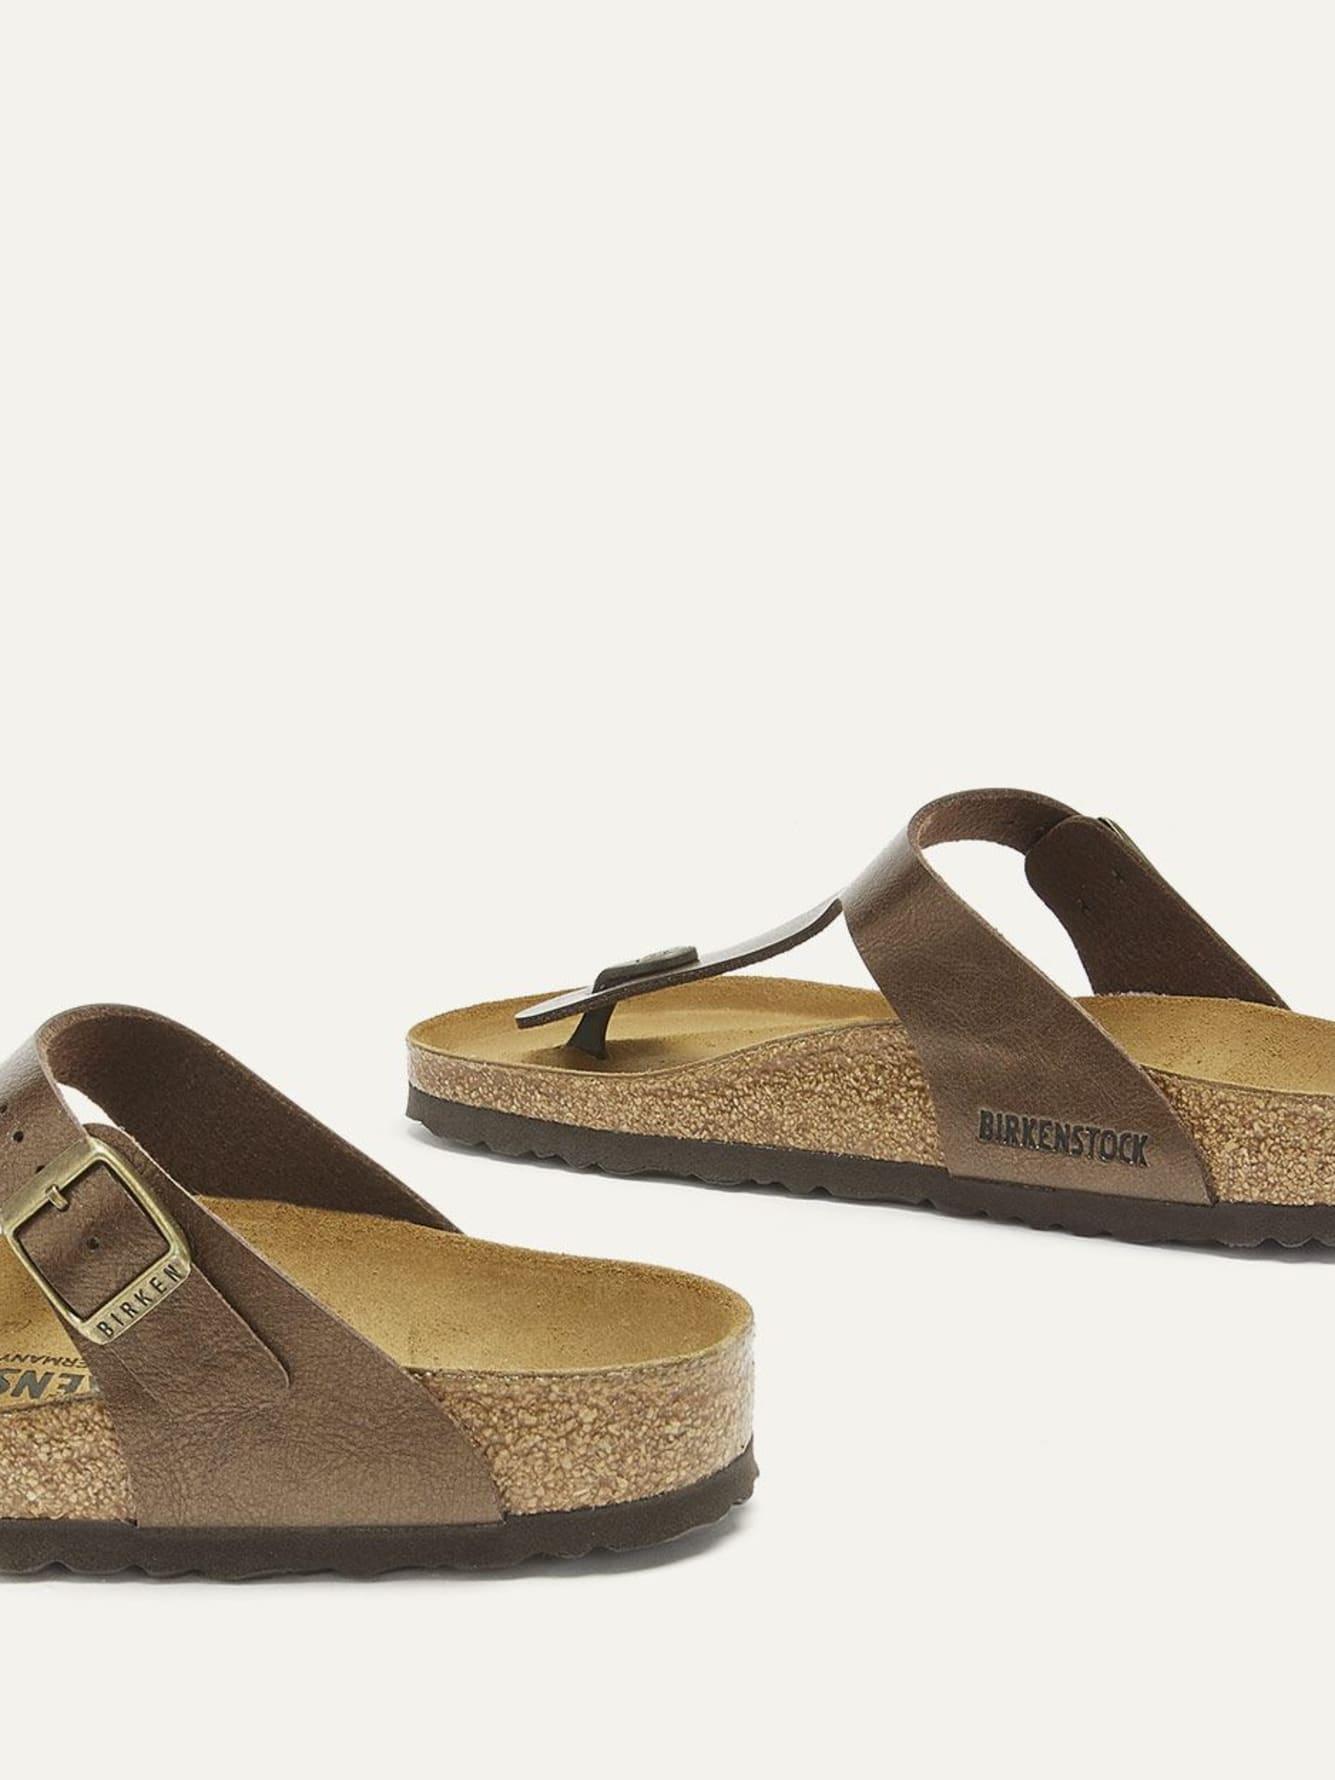 huge selection of 75867 f61c5 Birkenstock Thong Sandals